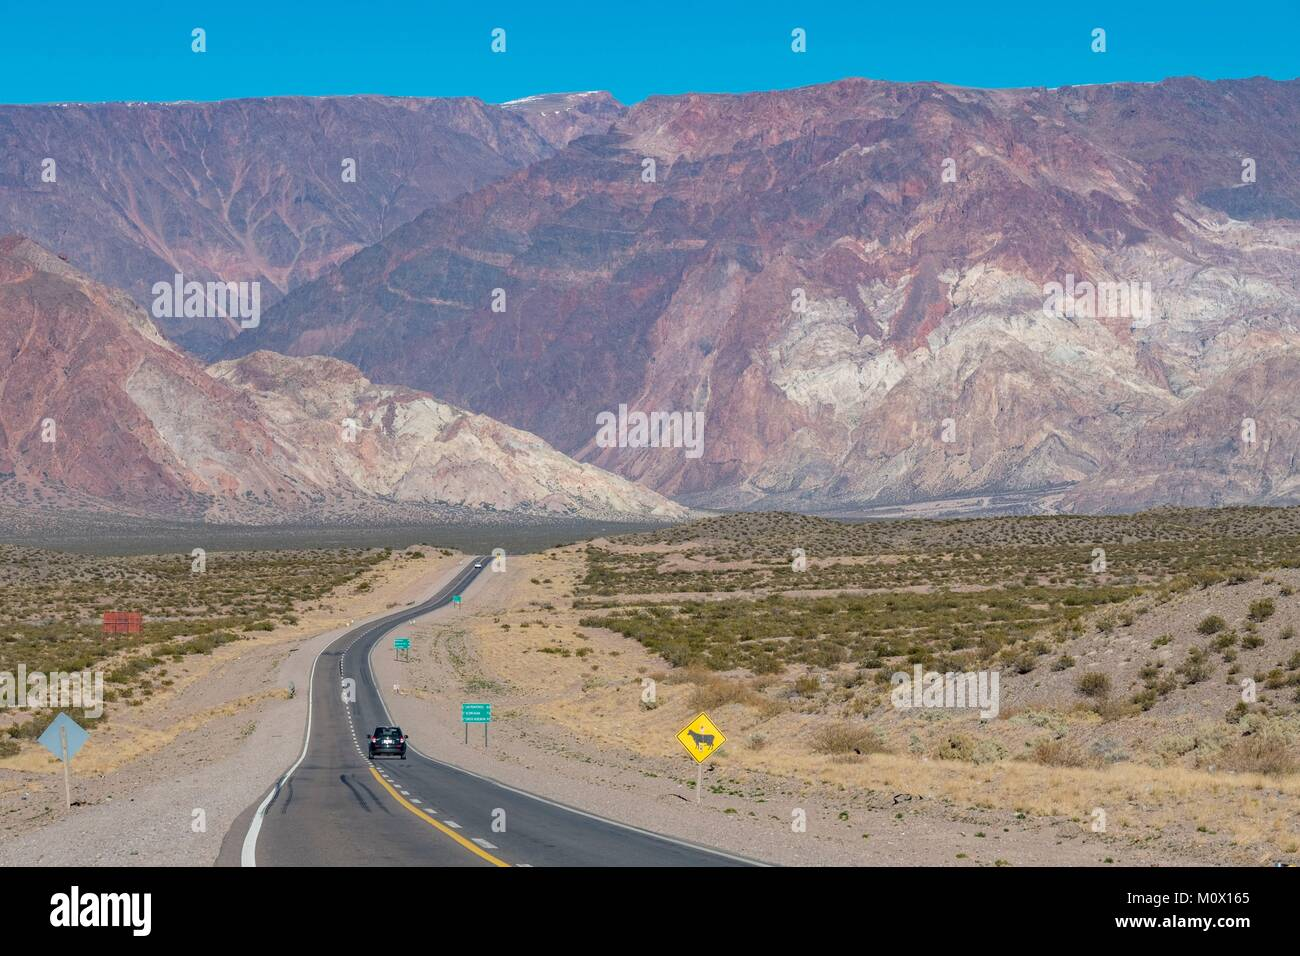 L'Argentine, la Province de Mendoza,Polvaredas,RN 7 Route de frontière chilienne Photo Stock